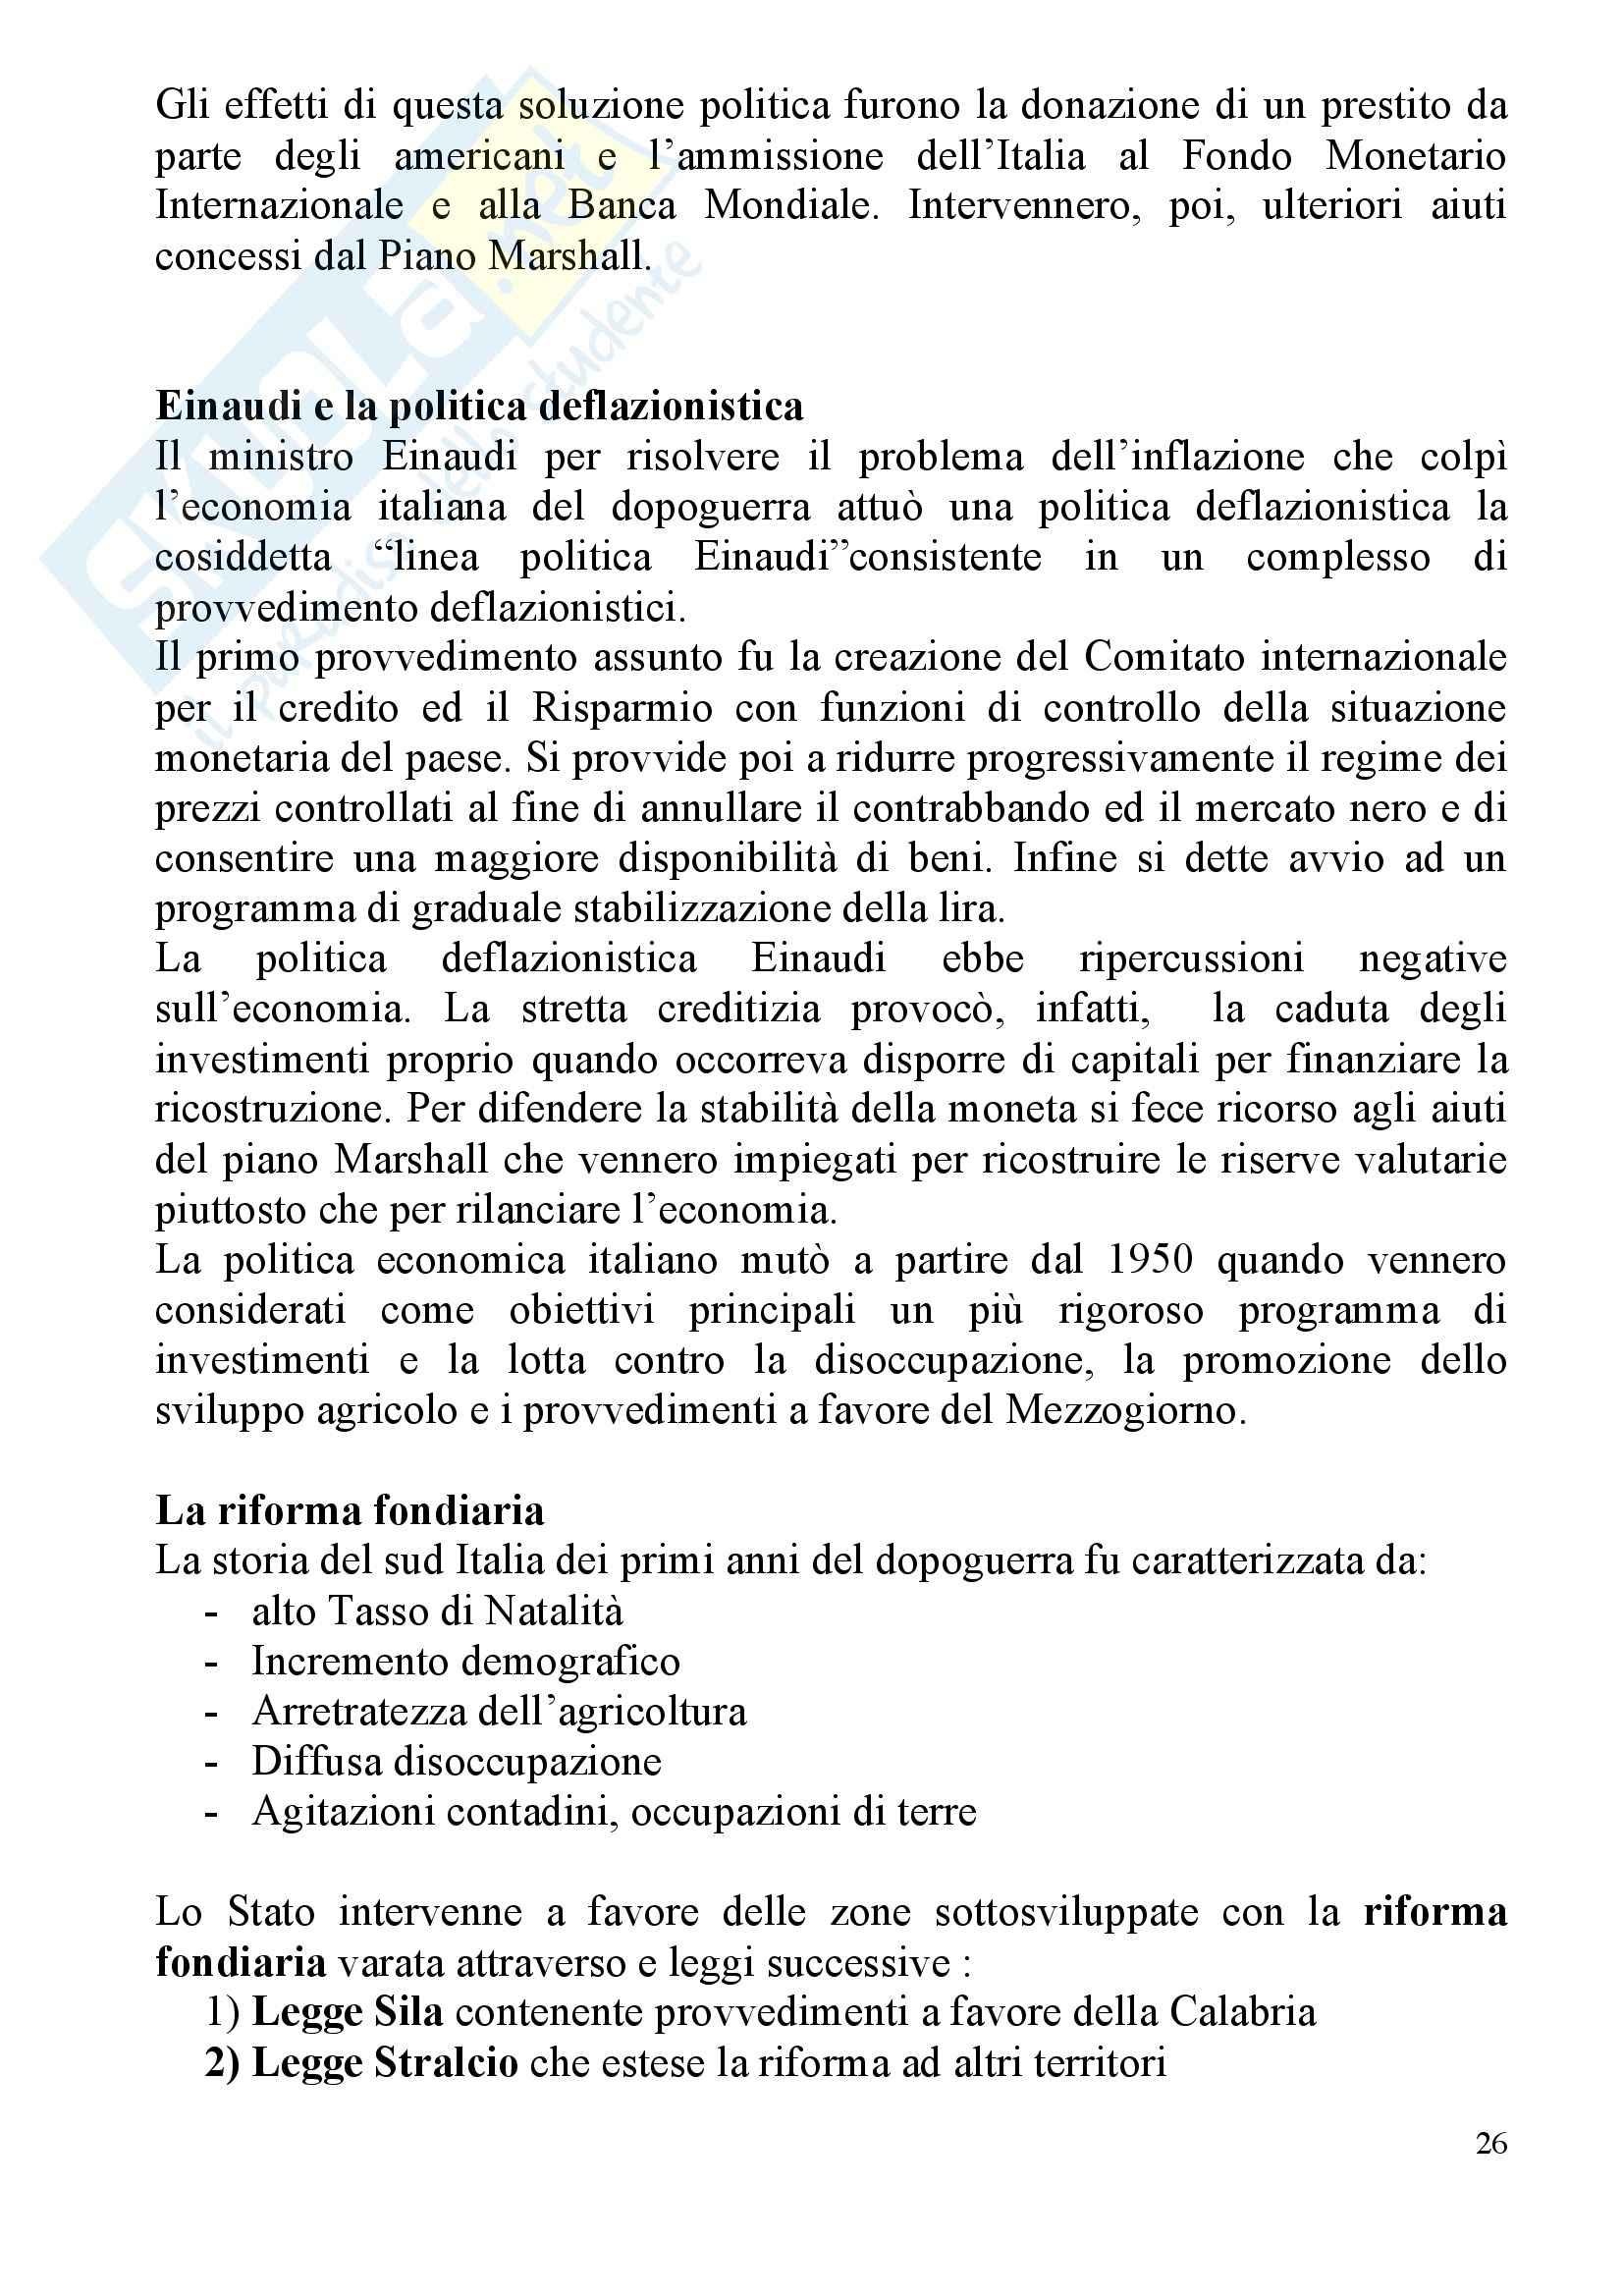 Storia Contemporanea - Appunti Pag. 26